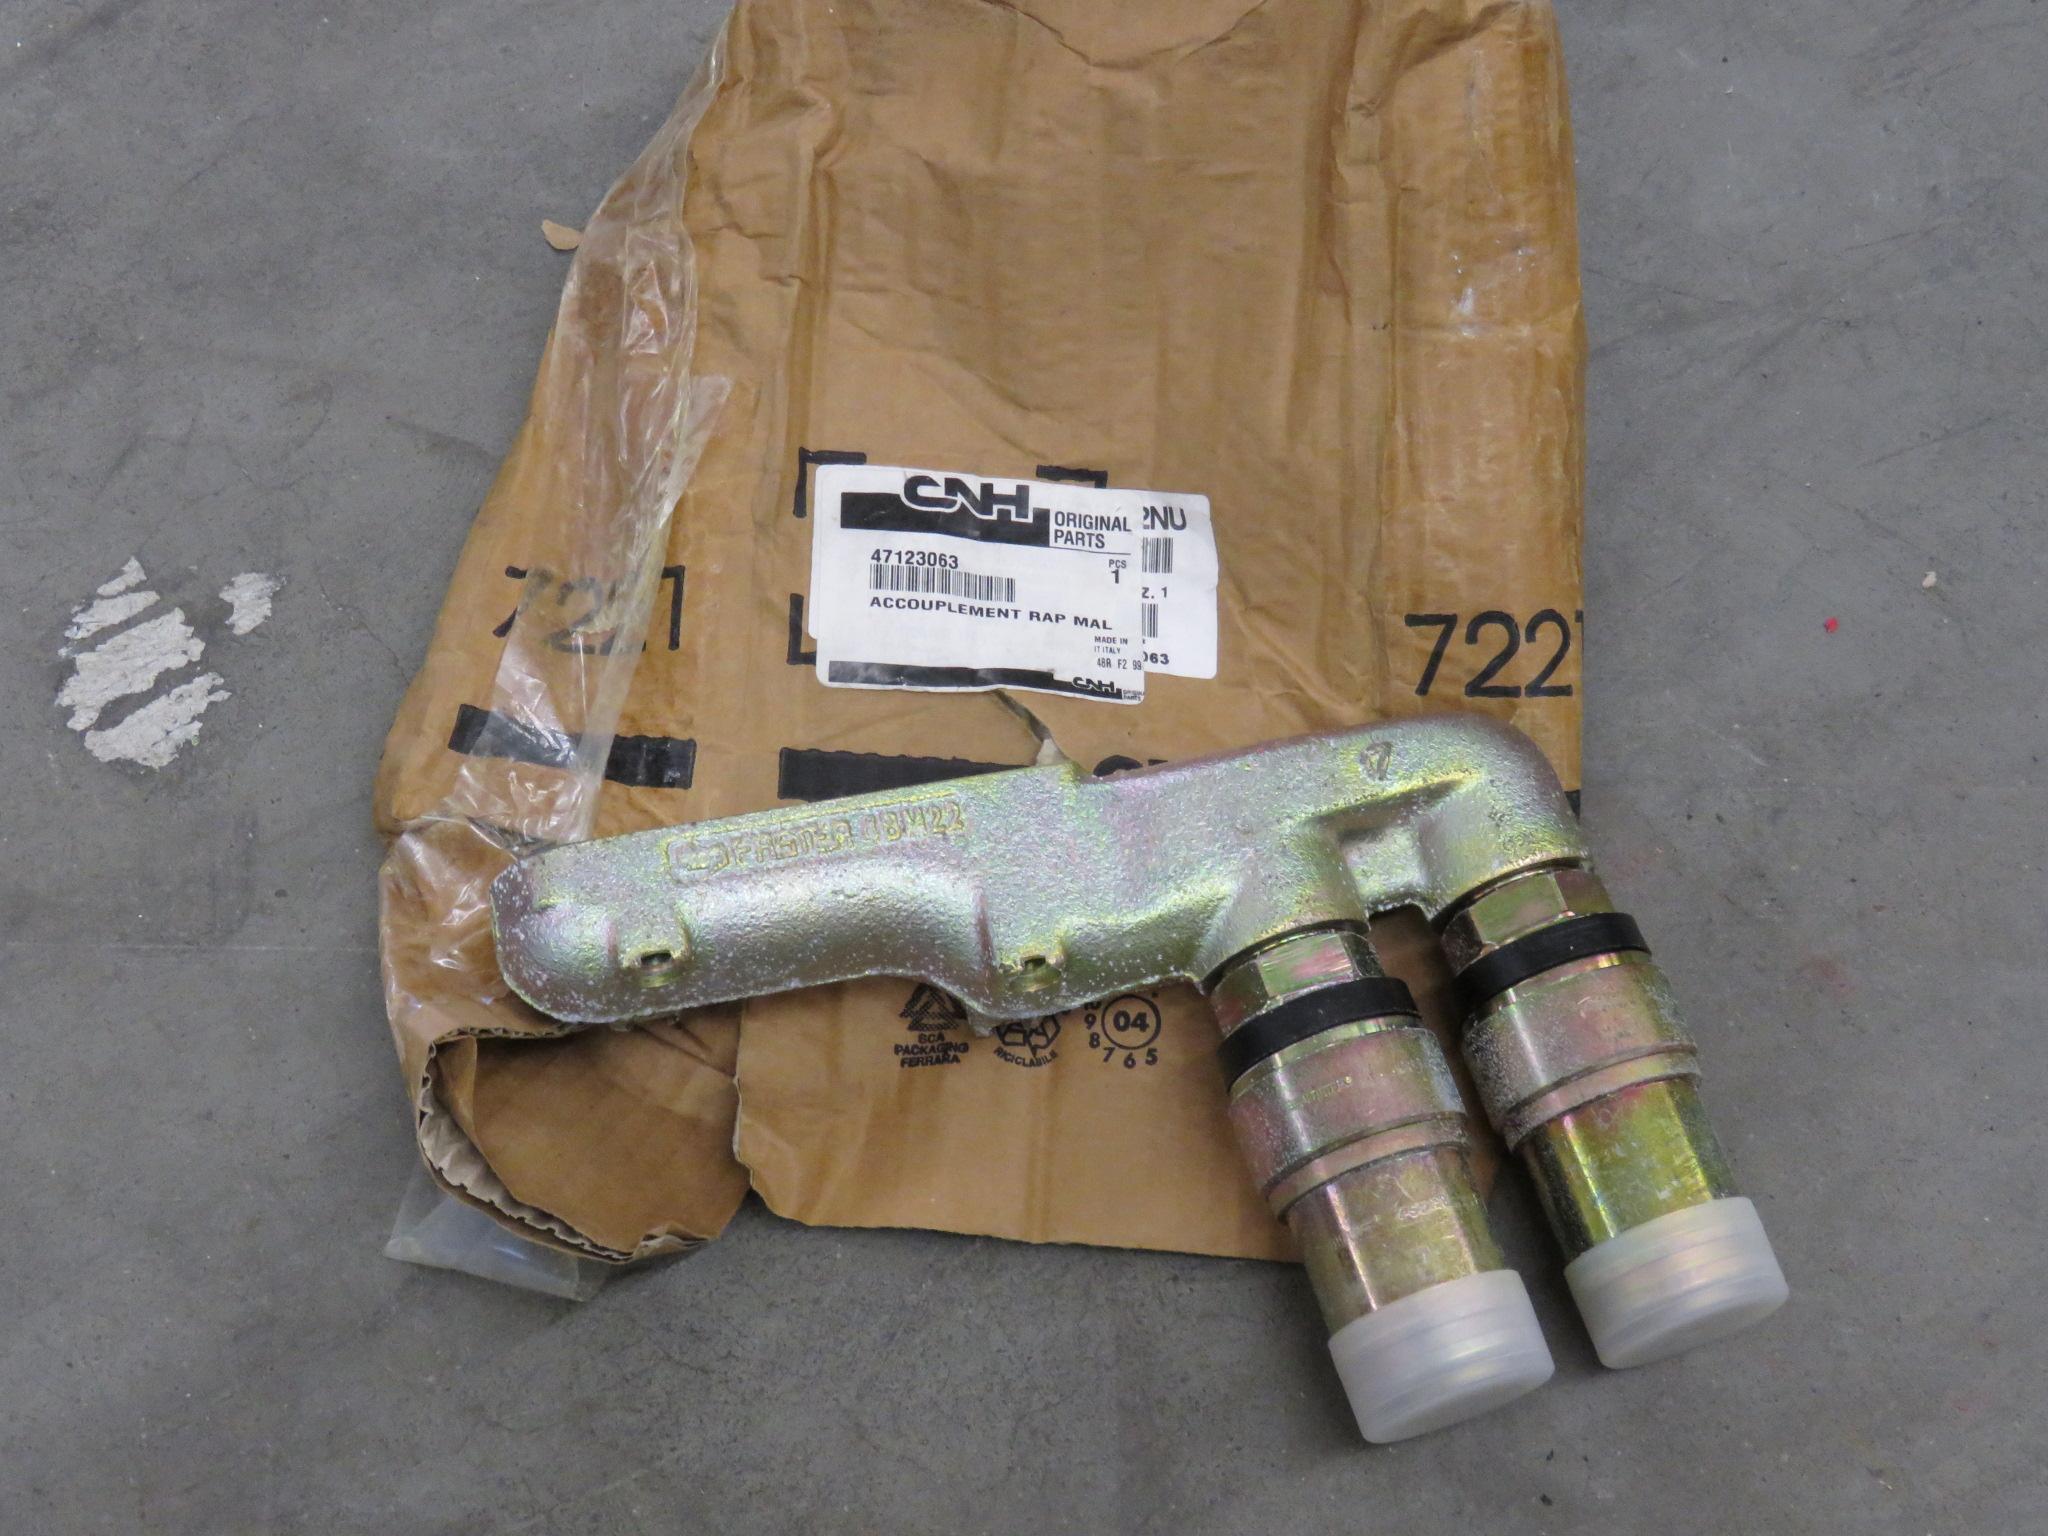 47123063 - Snelkoppelingspen 3e ventiel - TSA